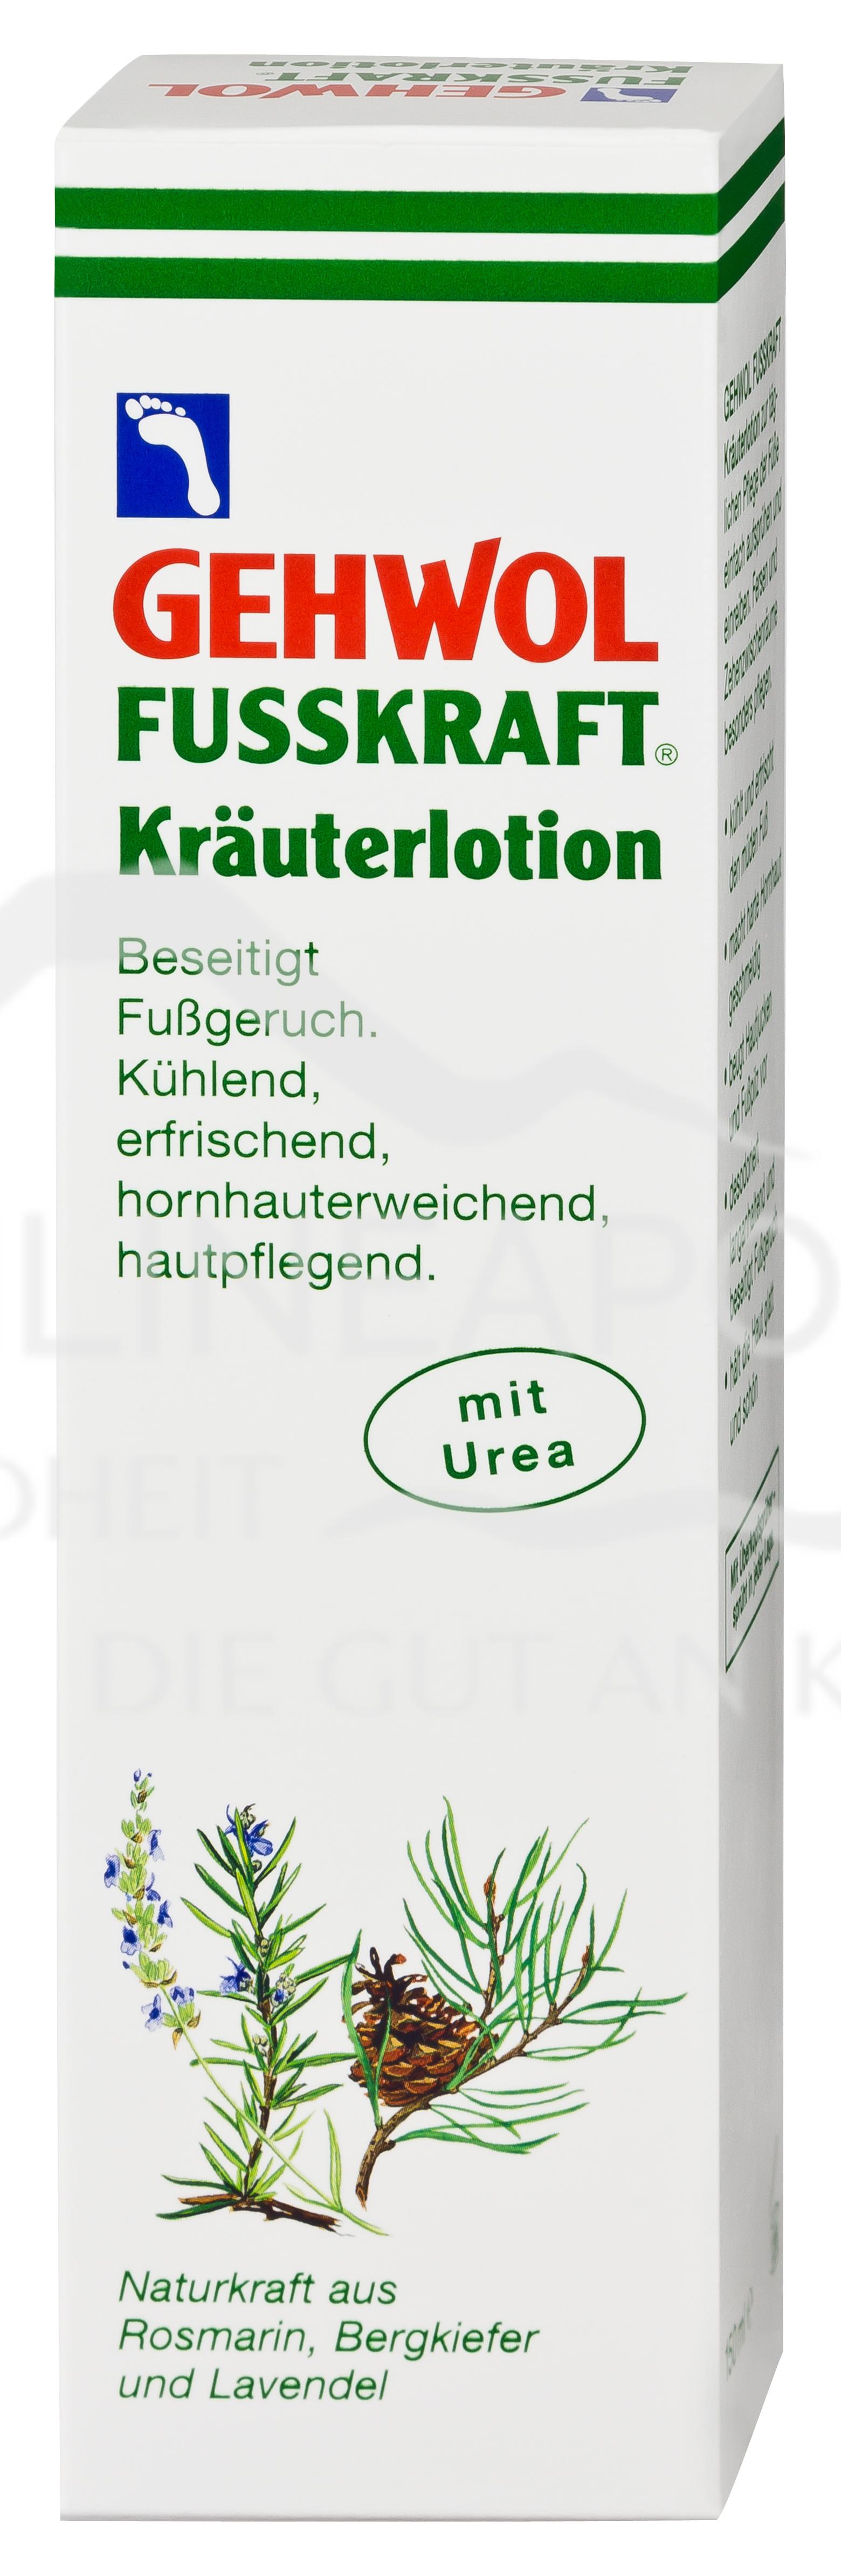 GEHWOL® FUSSKRAFT Kräuterlotion